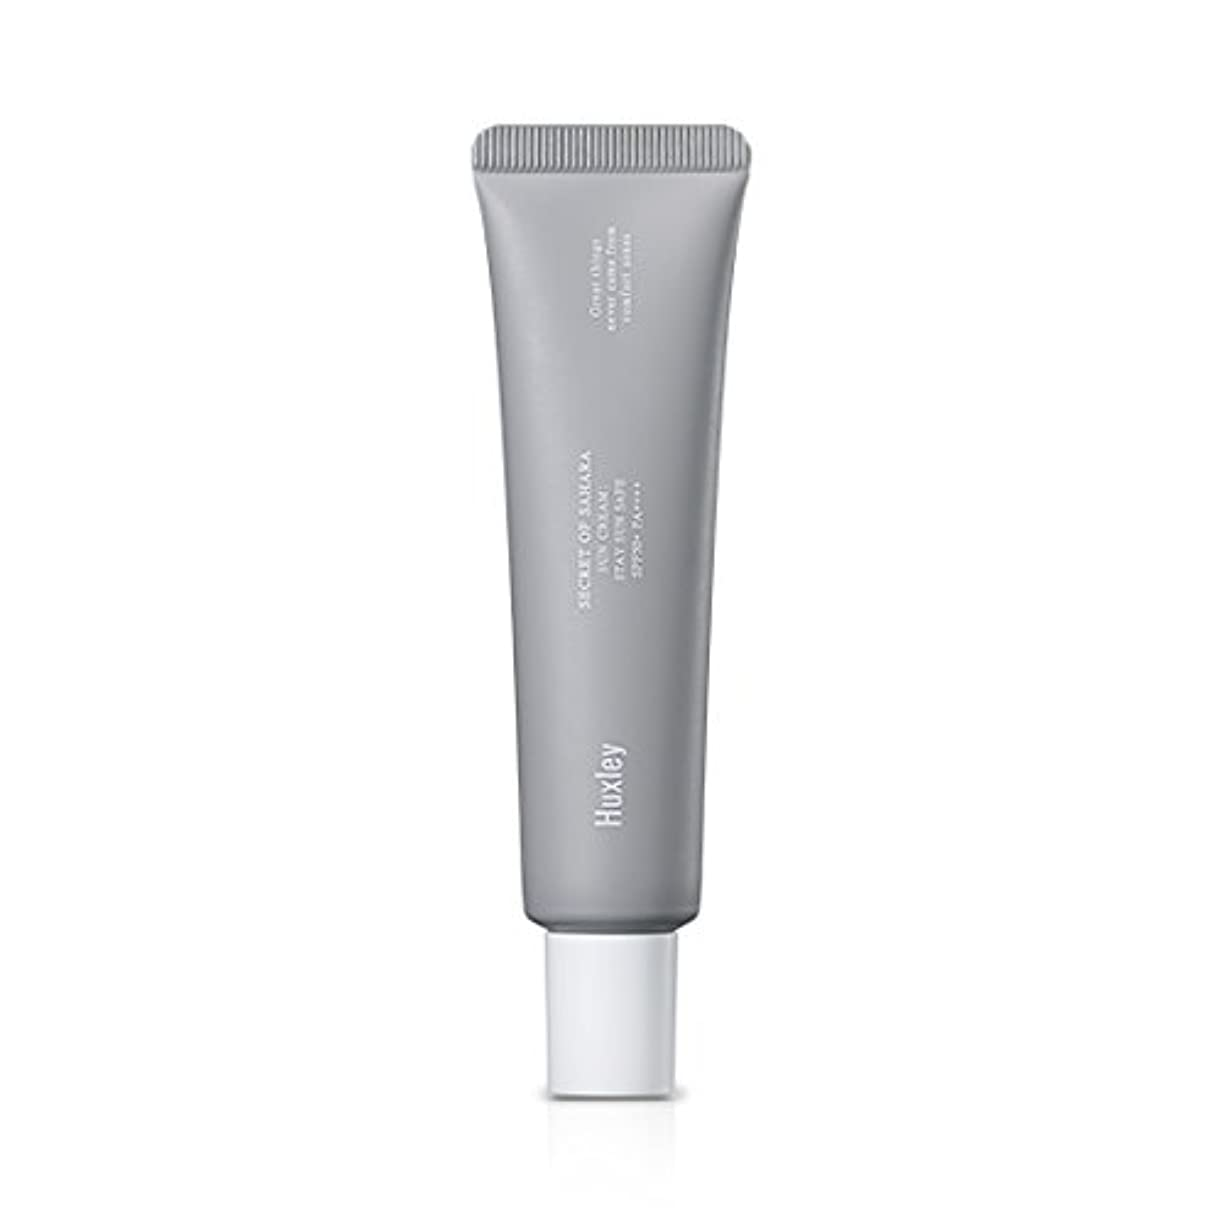 確認する経営者ソビエトHuxley Sun Cream;Stay Sun Safe 35ml (SPF50+ PA++++)/ハクスリー サンクリーム;ステイ サン セーフ 35ml (SPF50+ PA++++) [並行輸入品]